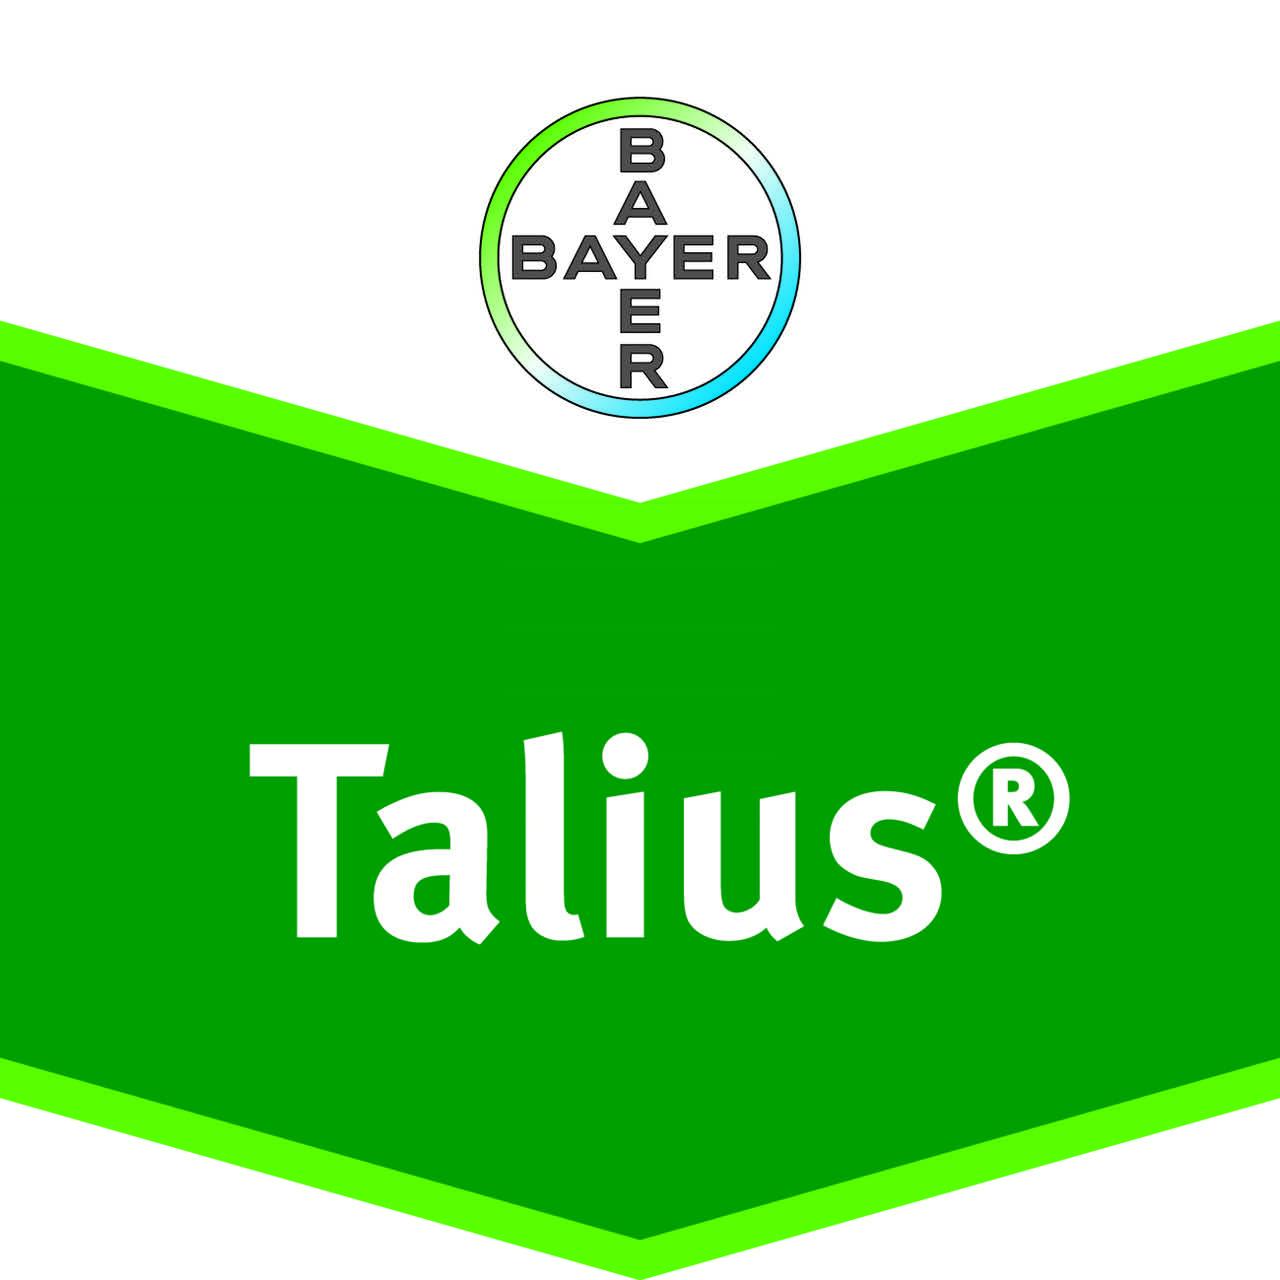 Talius®